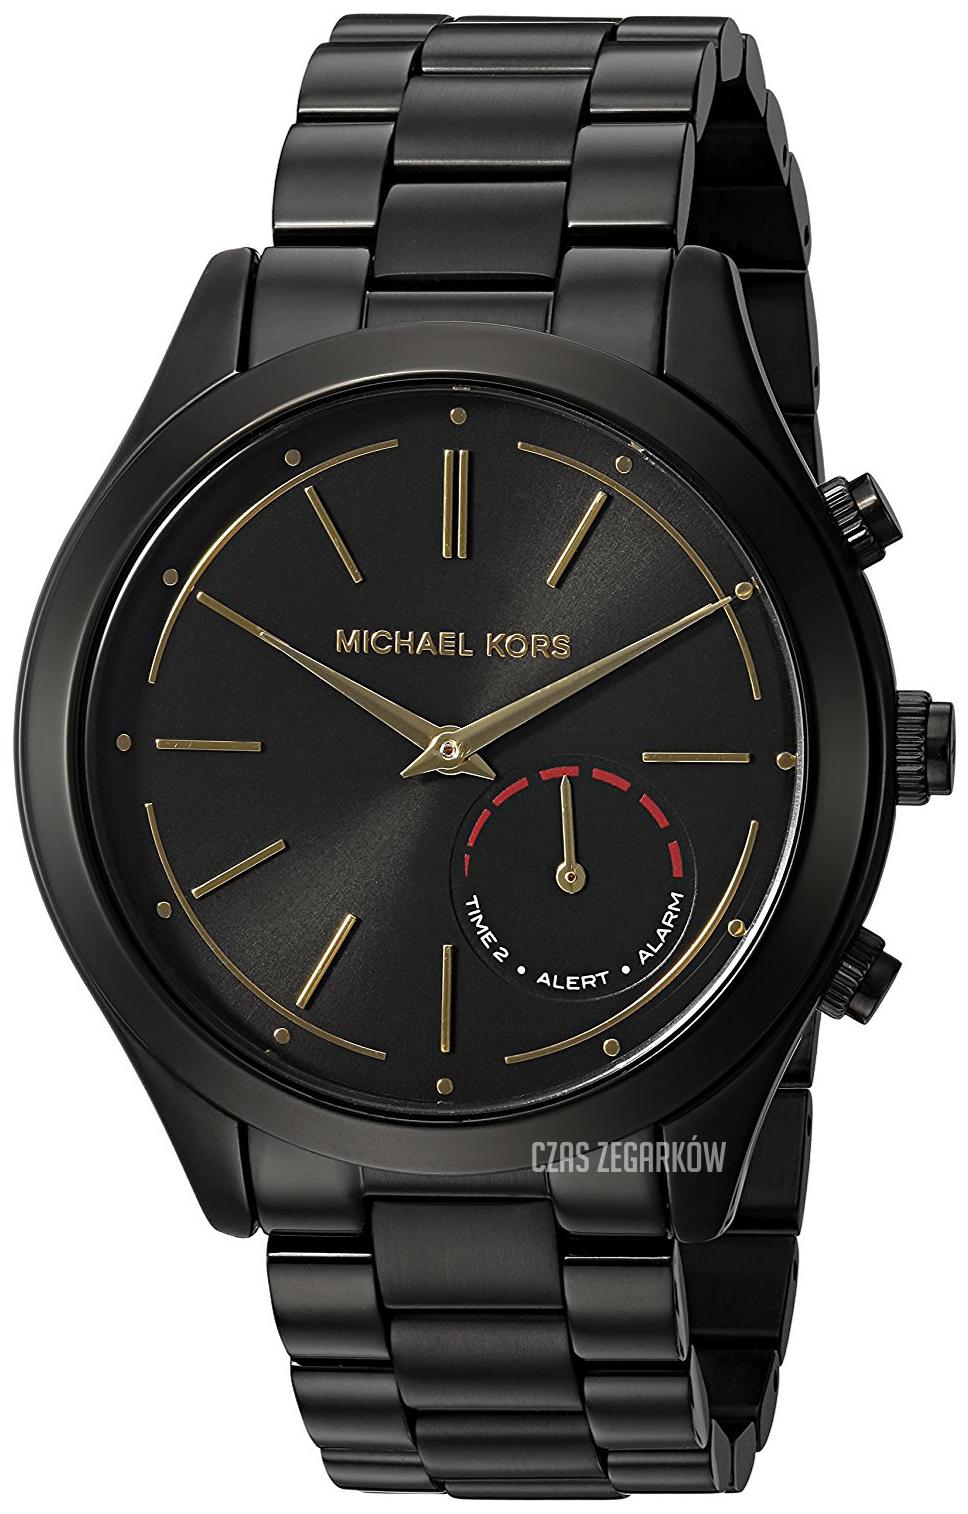 MKT4003 Michael Kors Smartwatch   Czas Zegarków